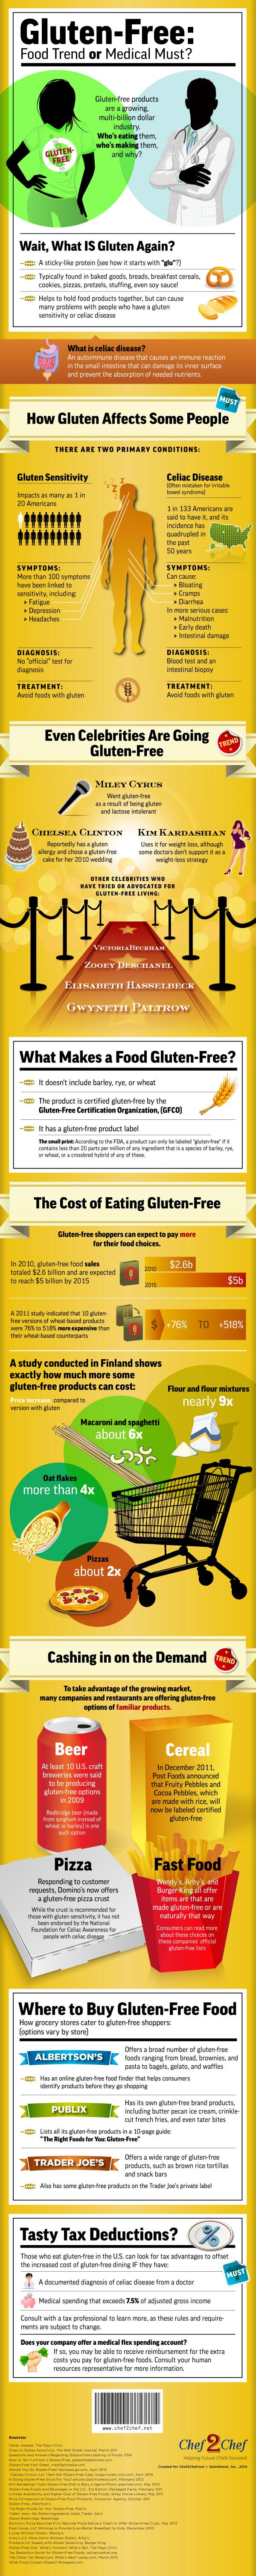 Gluten Free Diet-Infographic